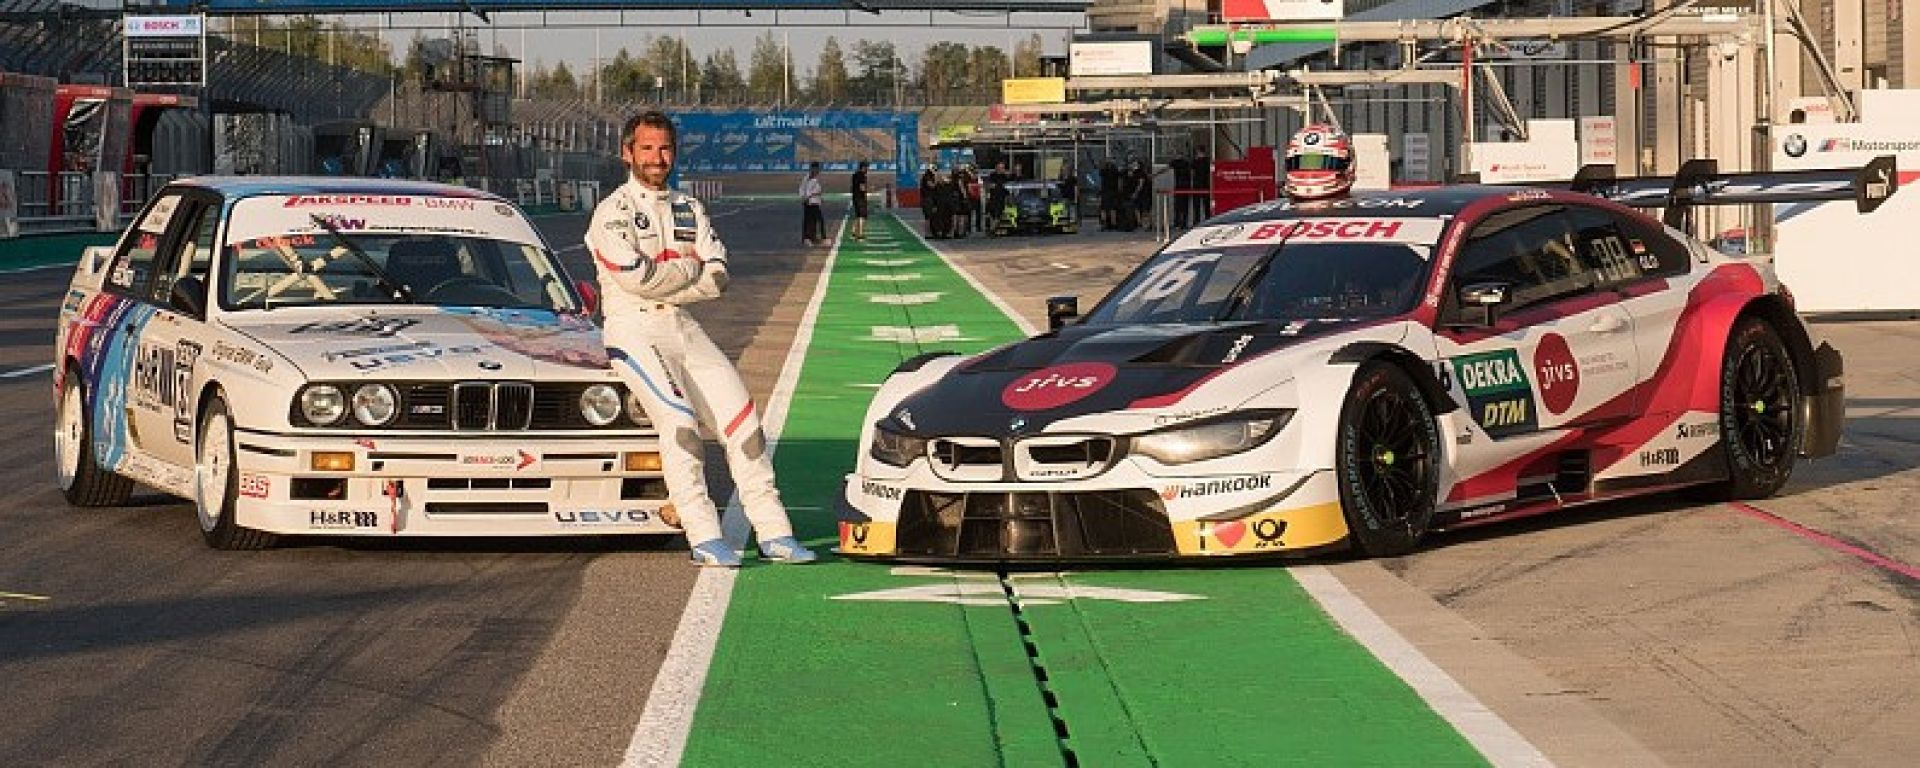 DTM 2019: Timo Glock posa con una BMW del passato e la sua attuale vettura